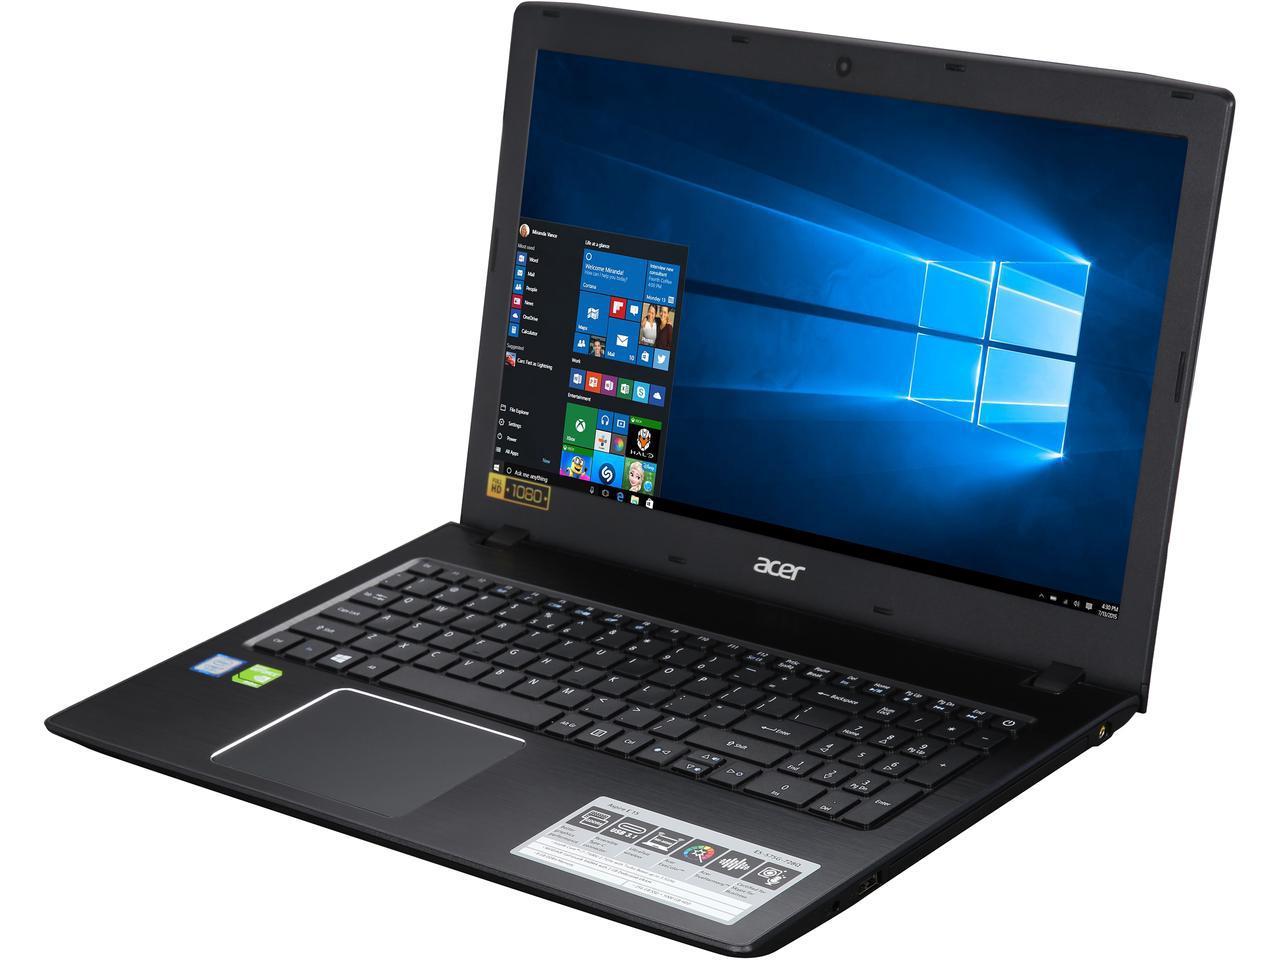 Laptop Backgrounds, Compatible - PC, Mobile, Gadgets| 1280x960 px